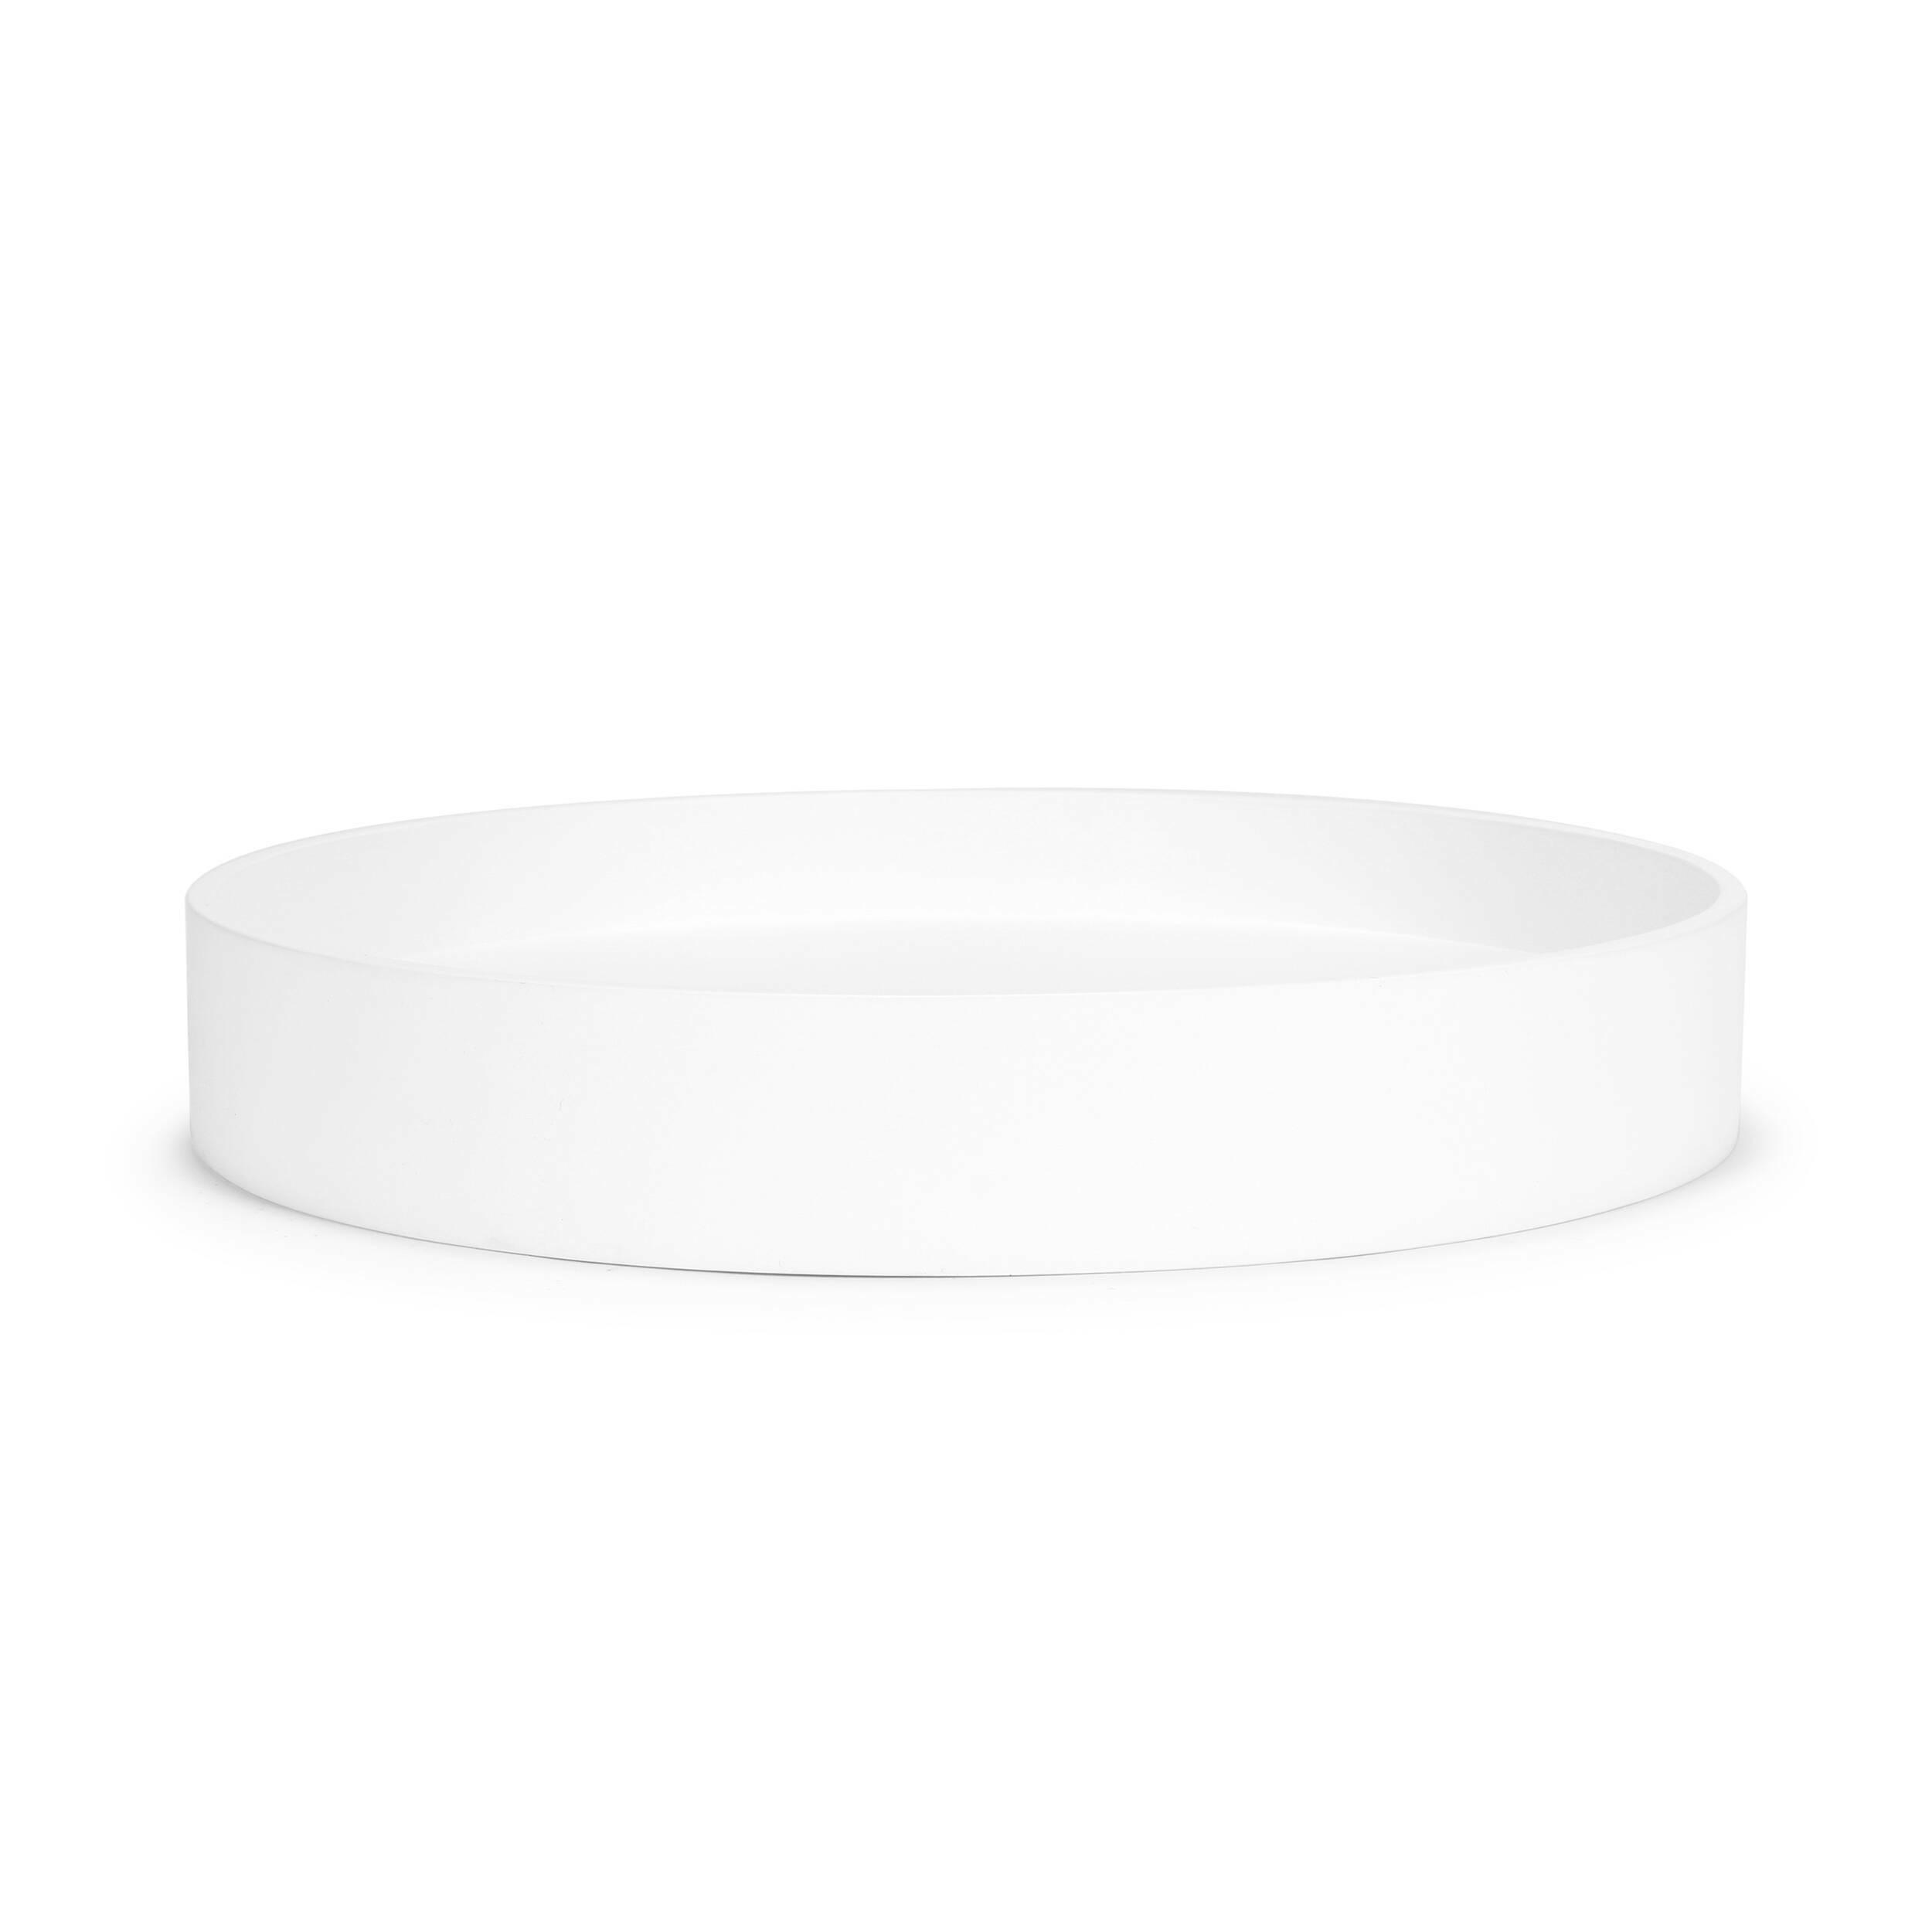 Поднос Drum банный комплект softline 05033